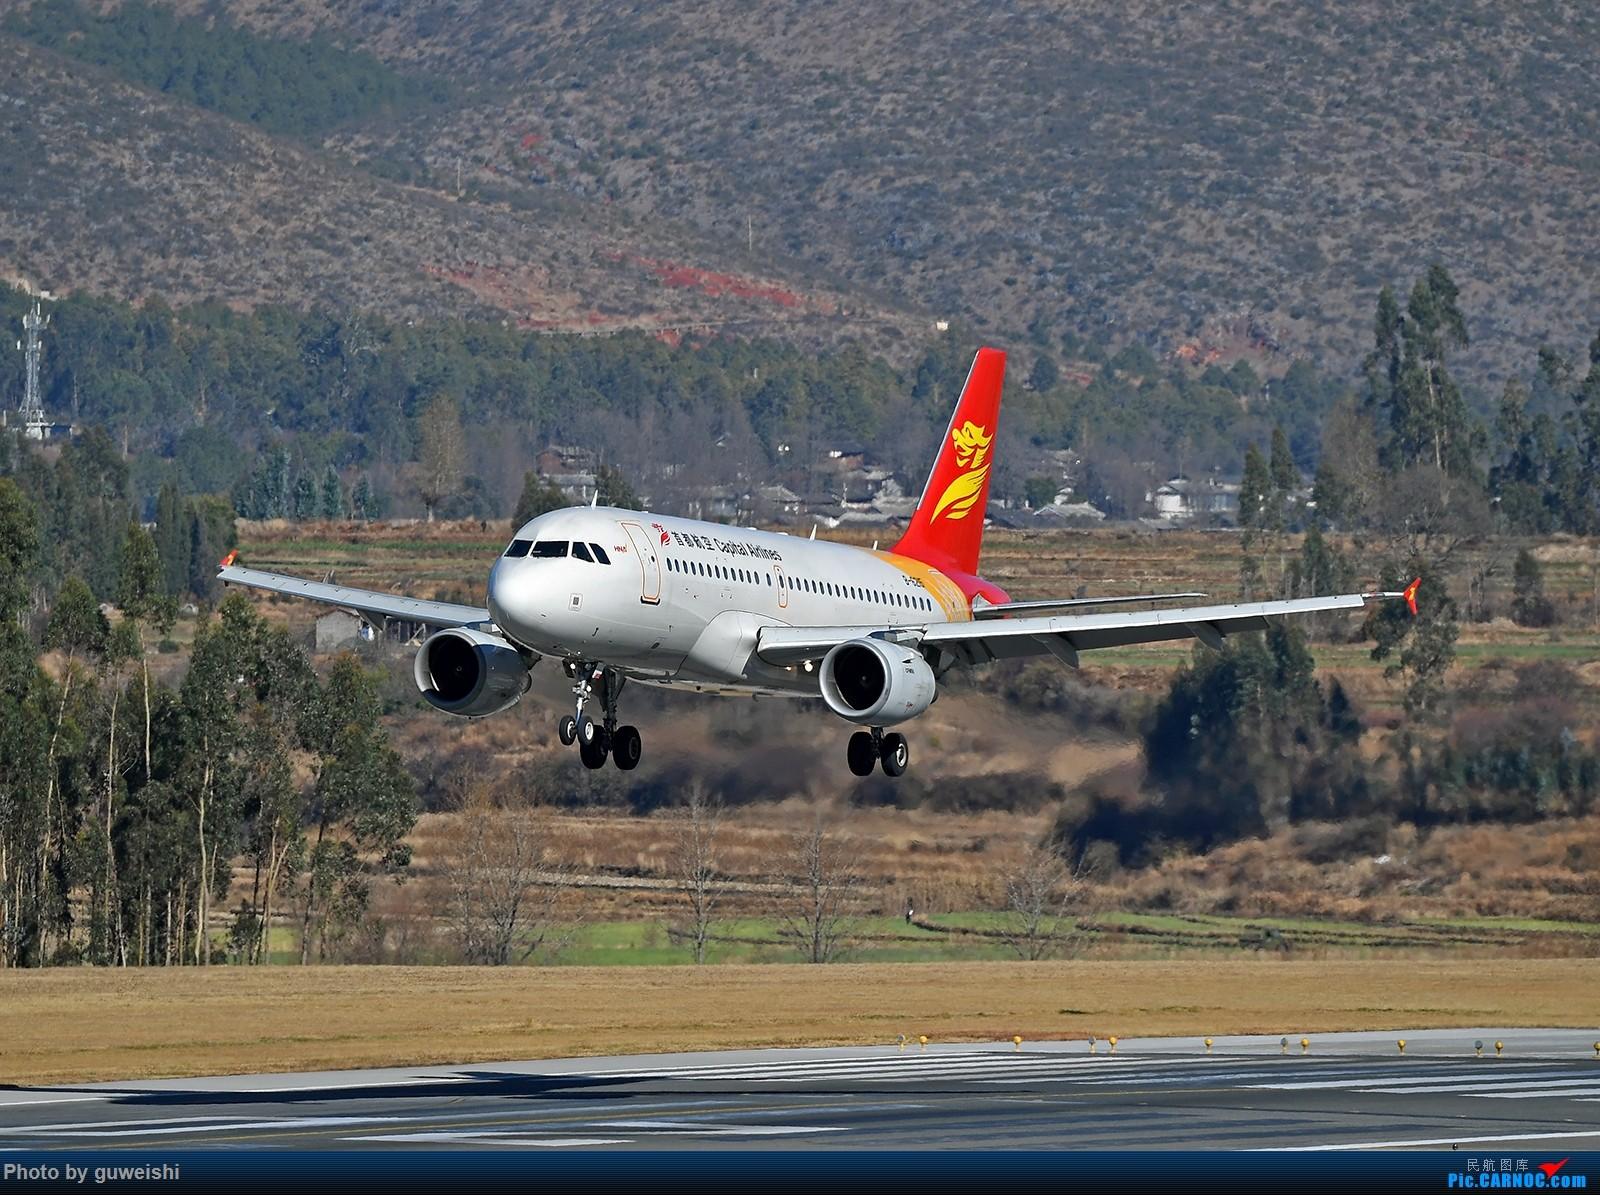 Re:[原创]【七彩天空】——雪山下的飞机,丽江三义半日拍 AIRBUS A319-100 B-6215 中国丽江三义机场